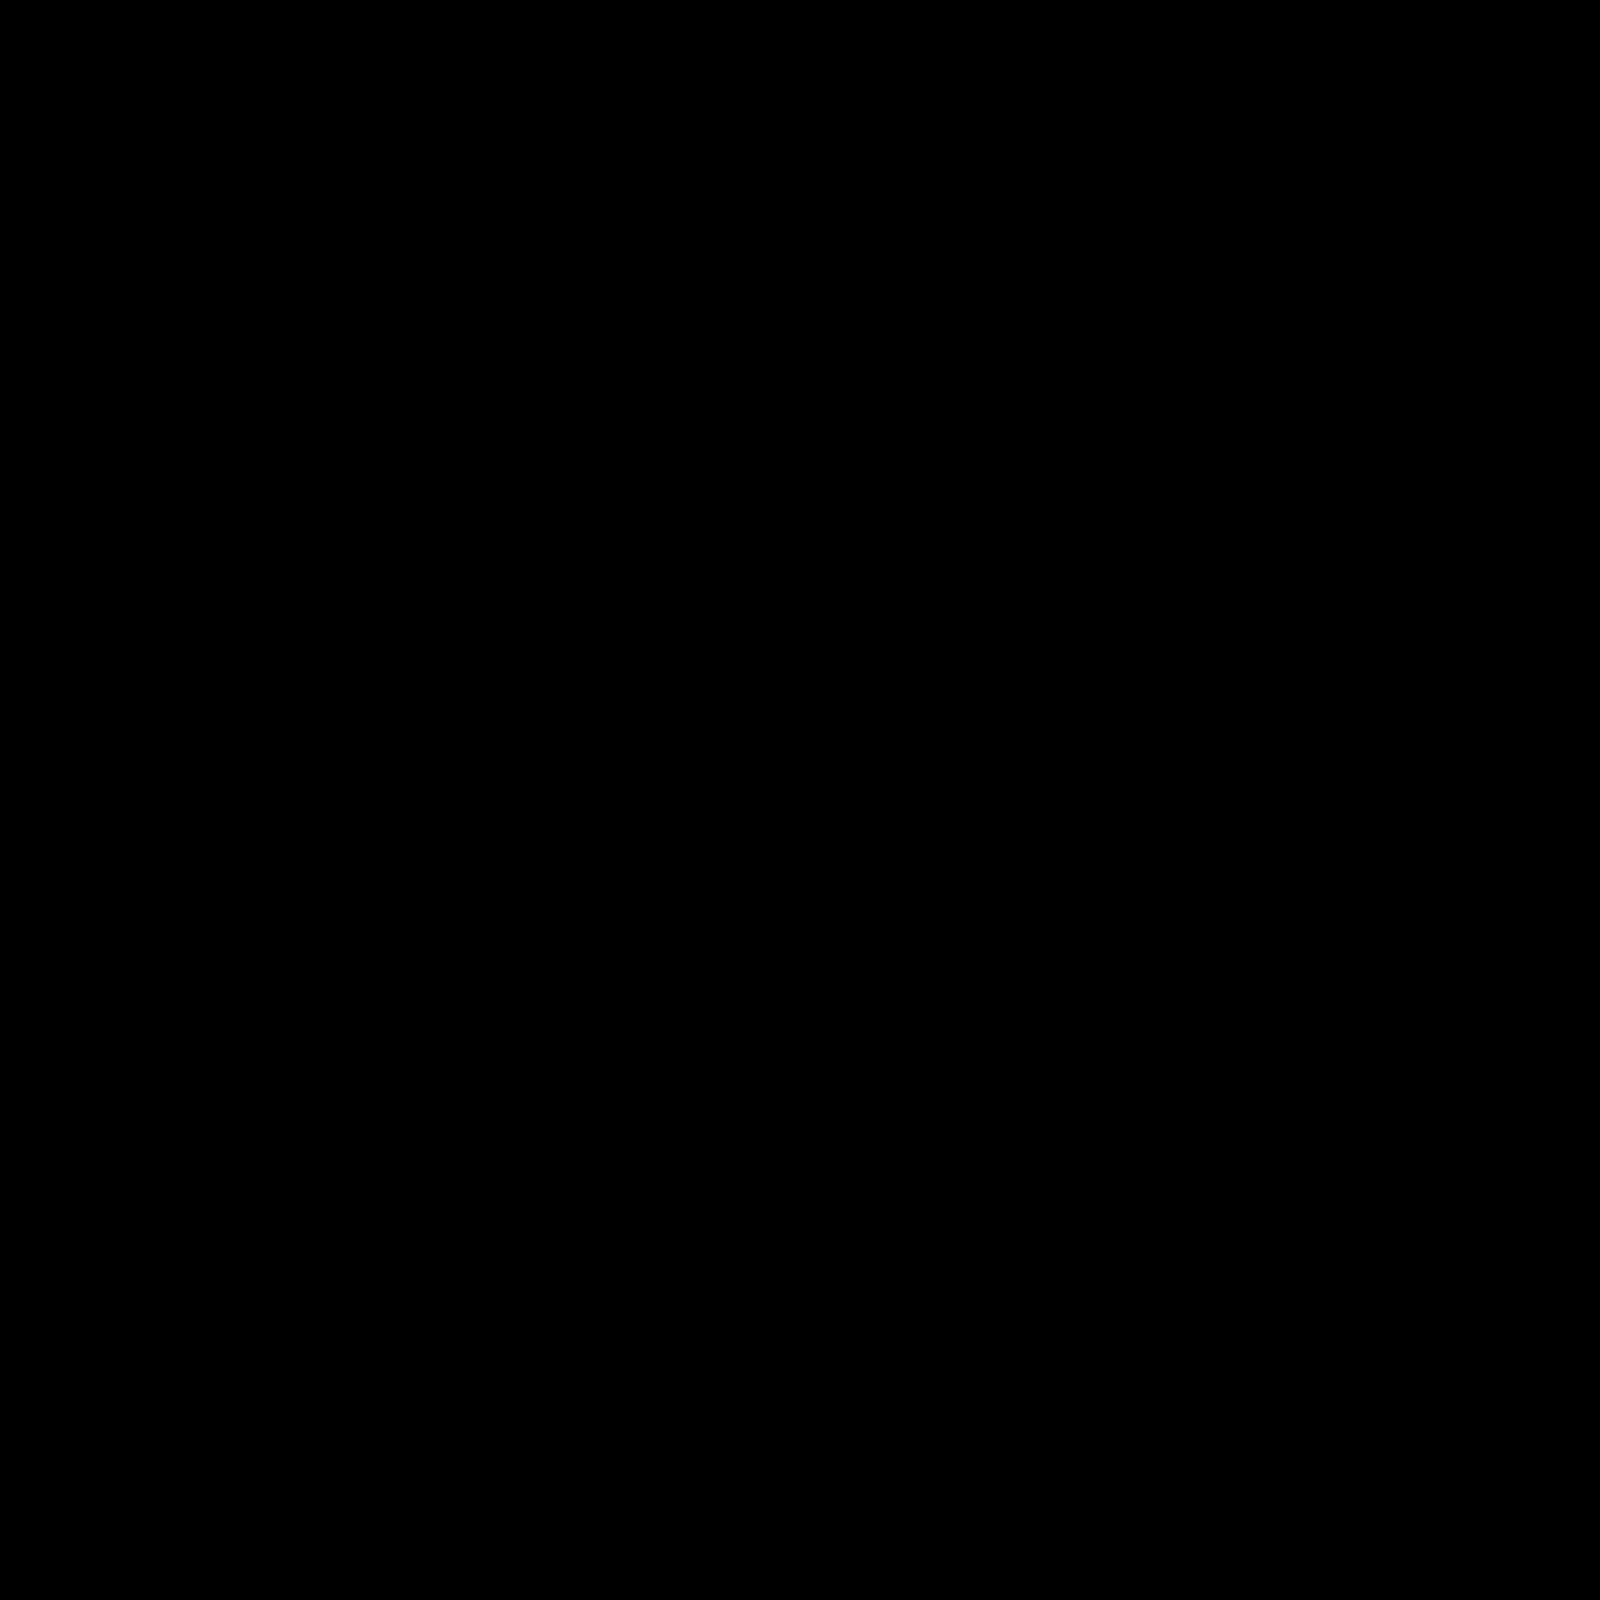 Jake Filled icon